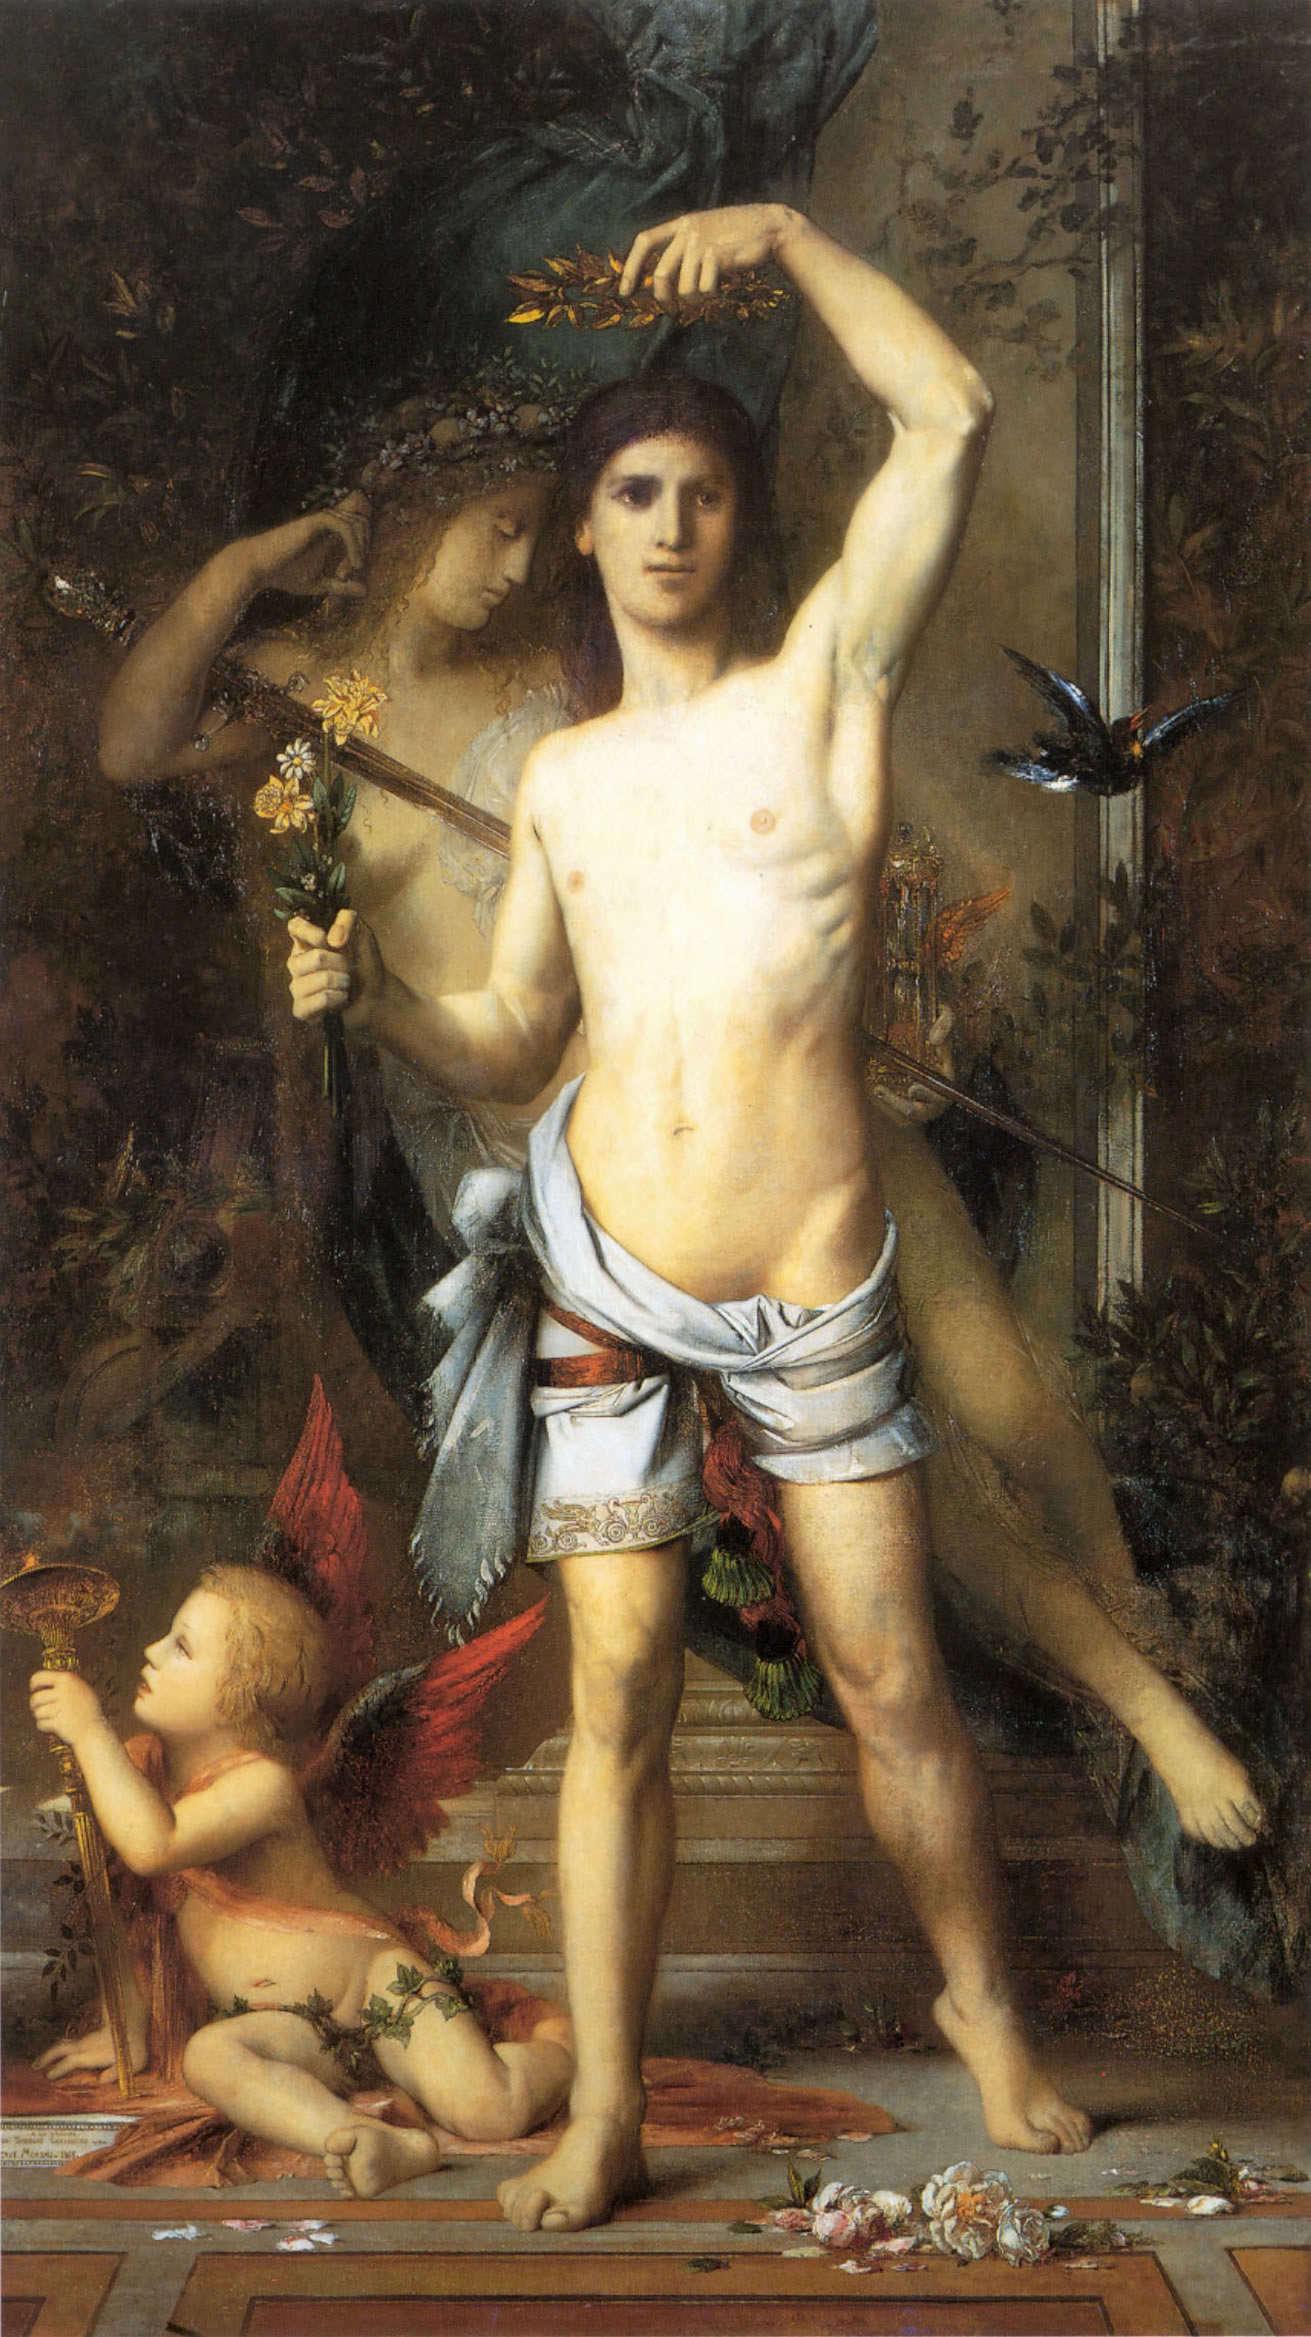 1865_Юноша и смерть (123.2 х 215.9 см) (Кембридж, Гарвардский университет, музей Фогга)